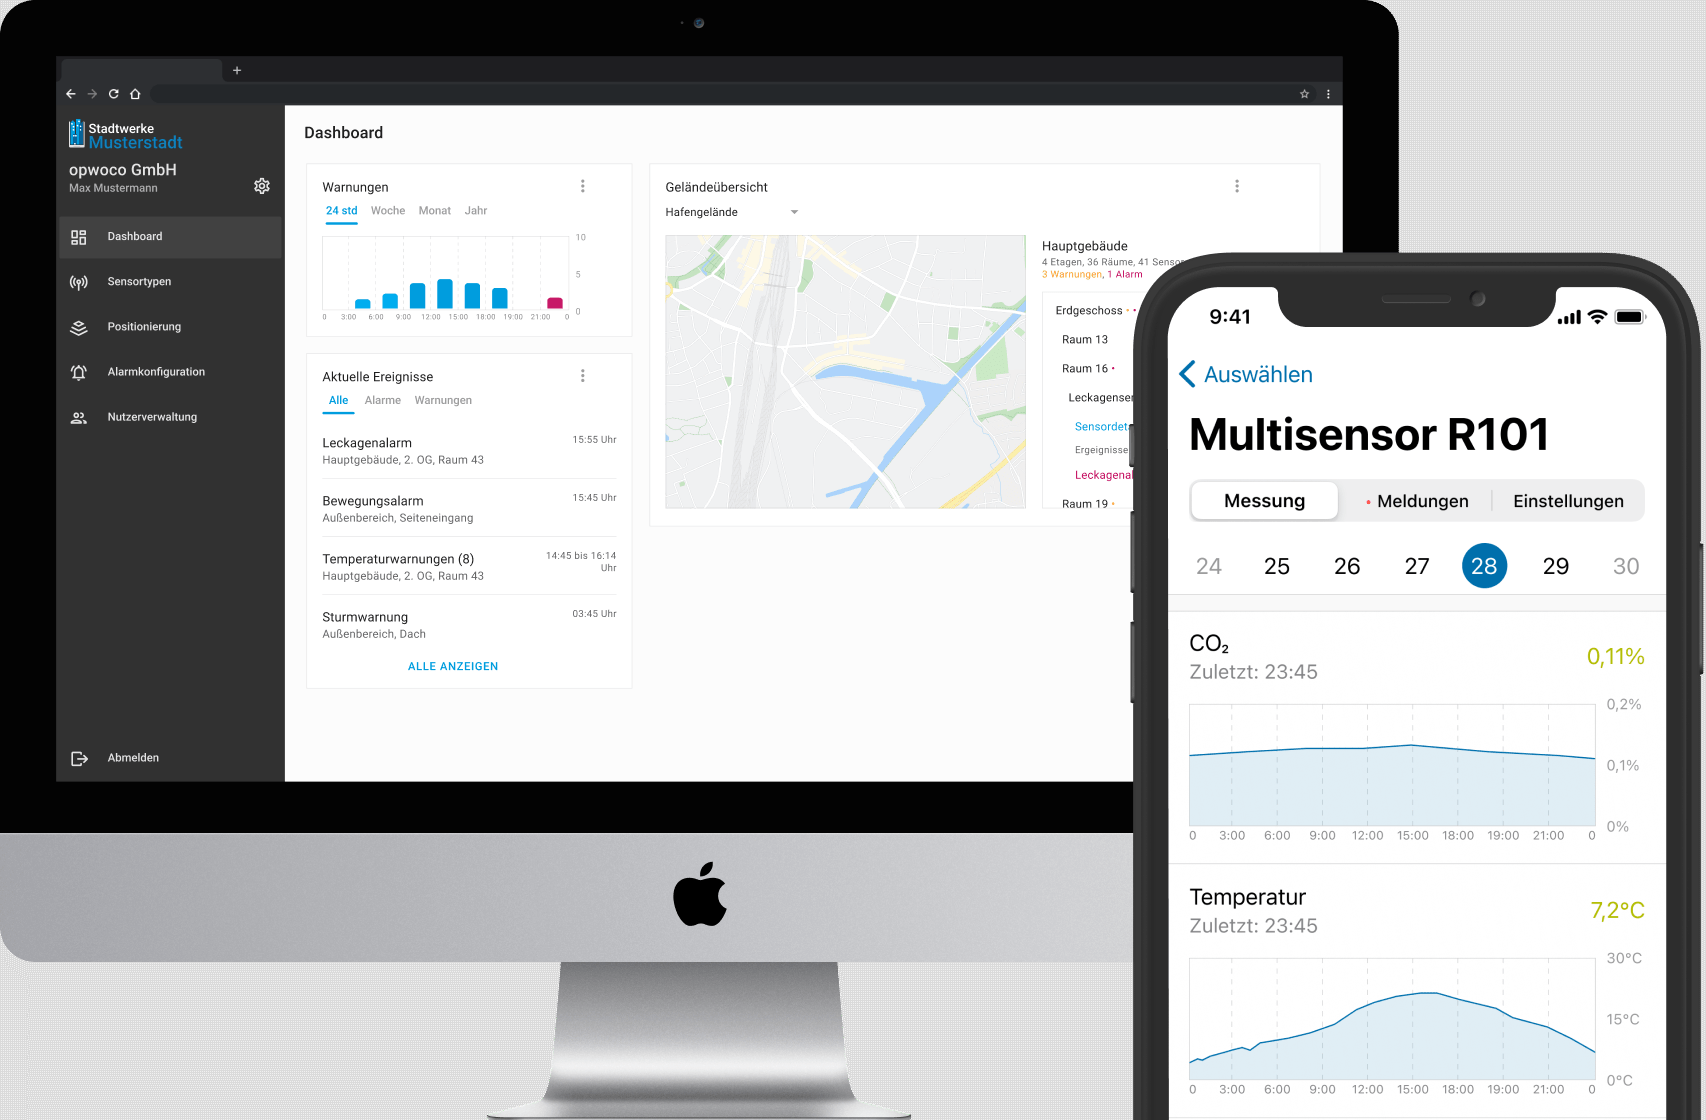 Desktop und Mobile App Ansicht von CityLink (Sensordaten)